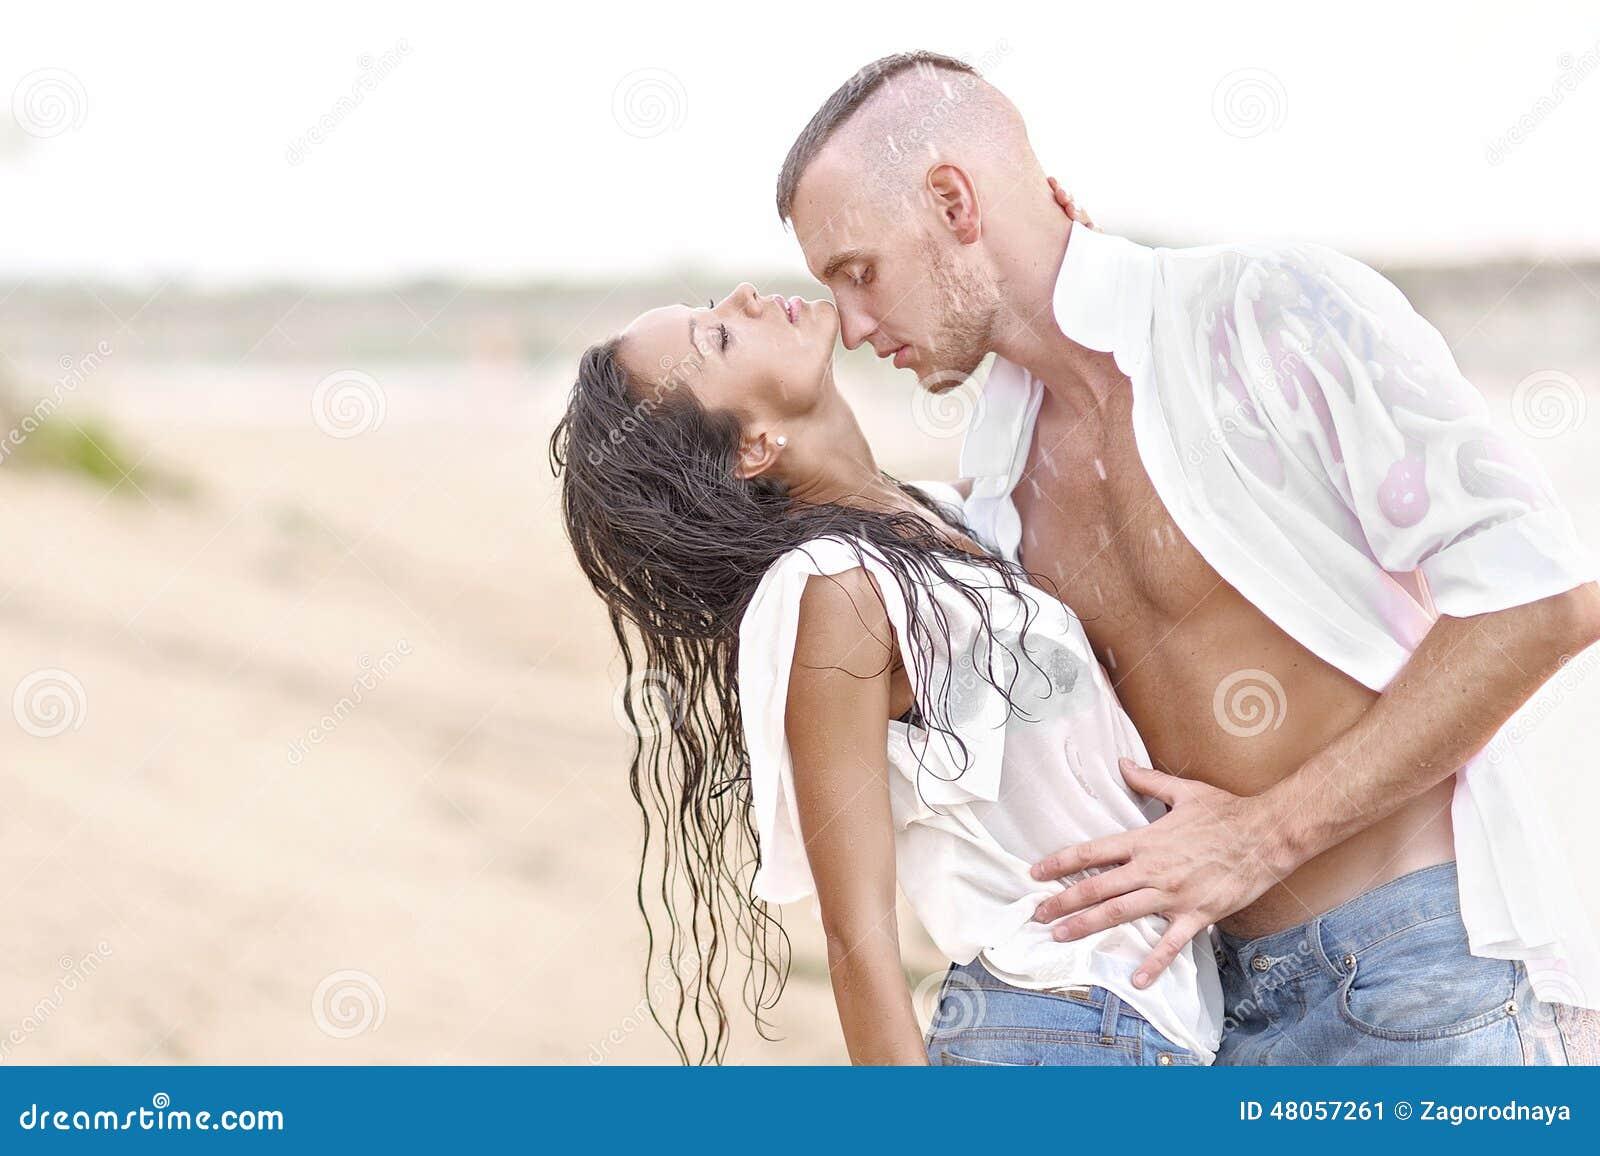 Romantik Paare in heissen Sexfilmen & Erotik XXX Videos